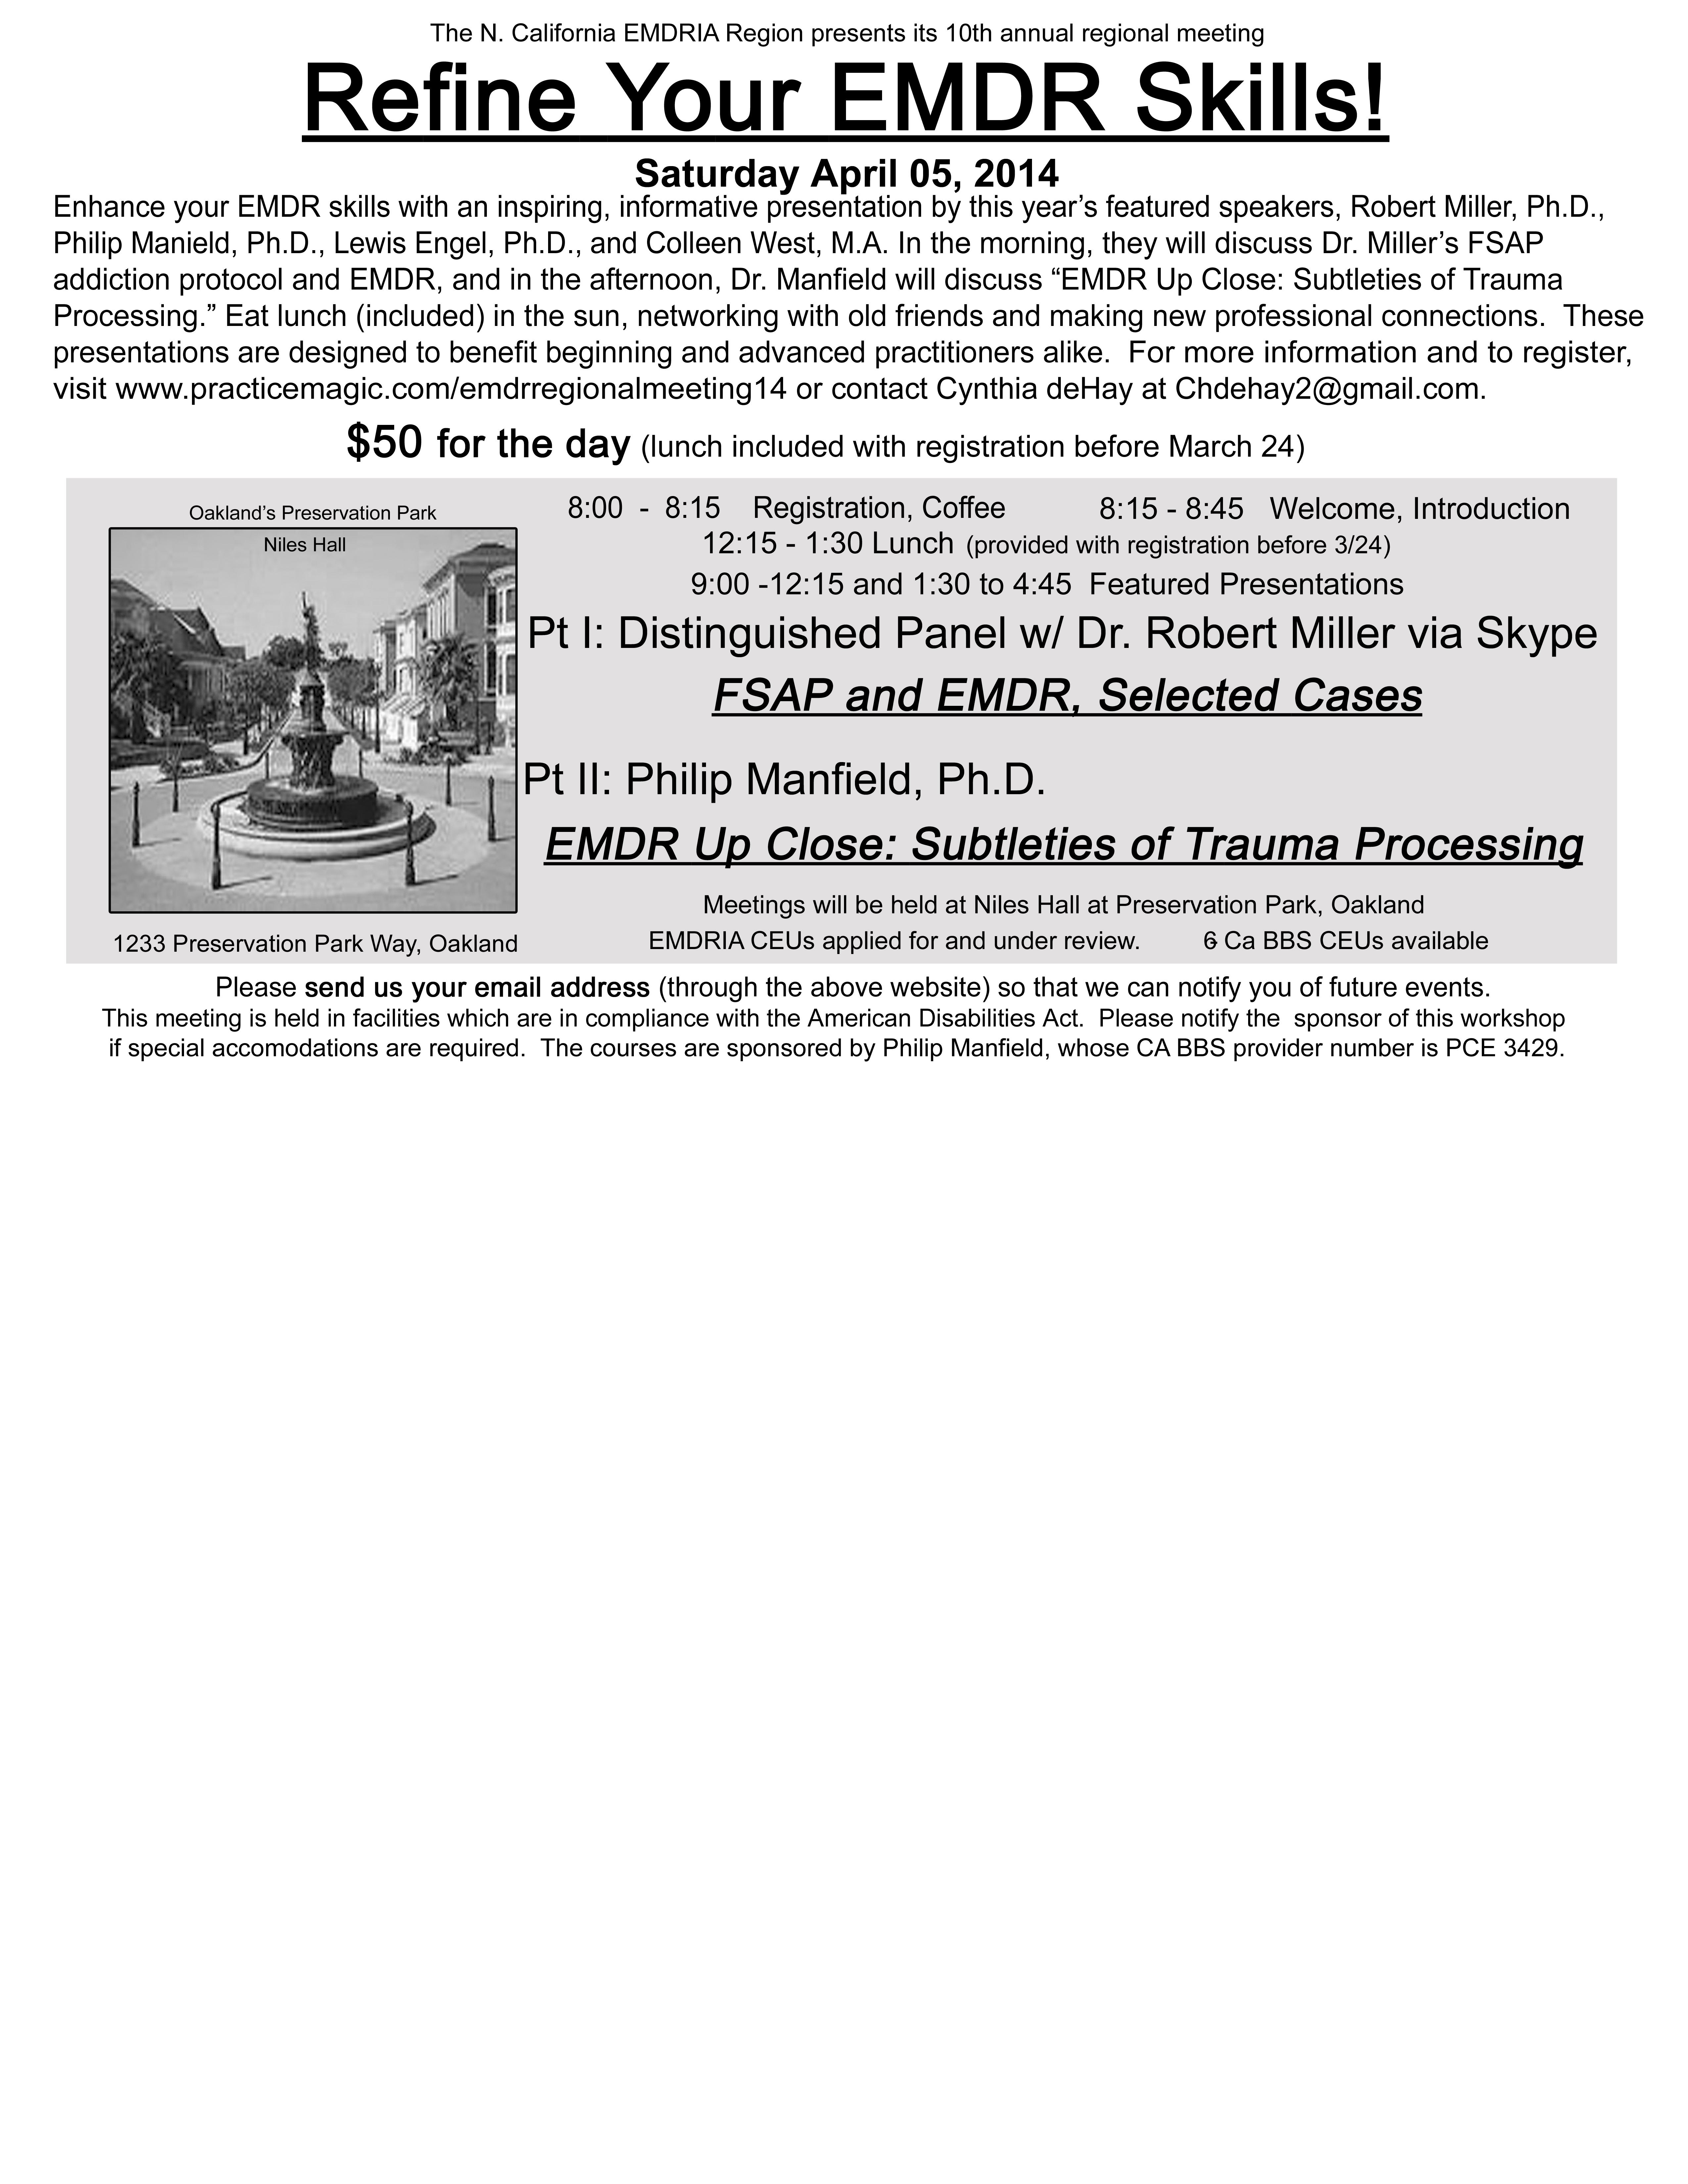 N Cal Emdria Regional Meeting